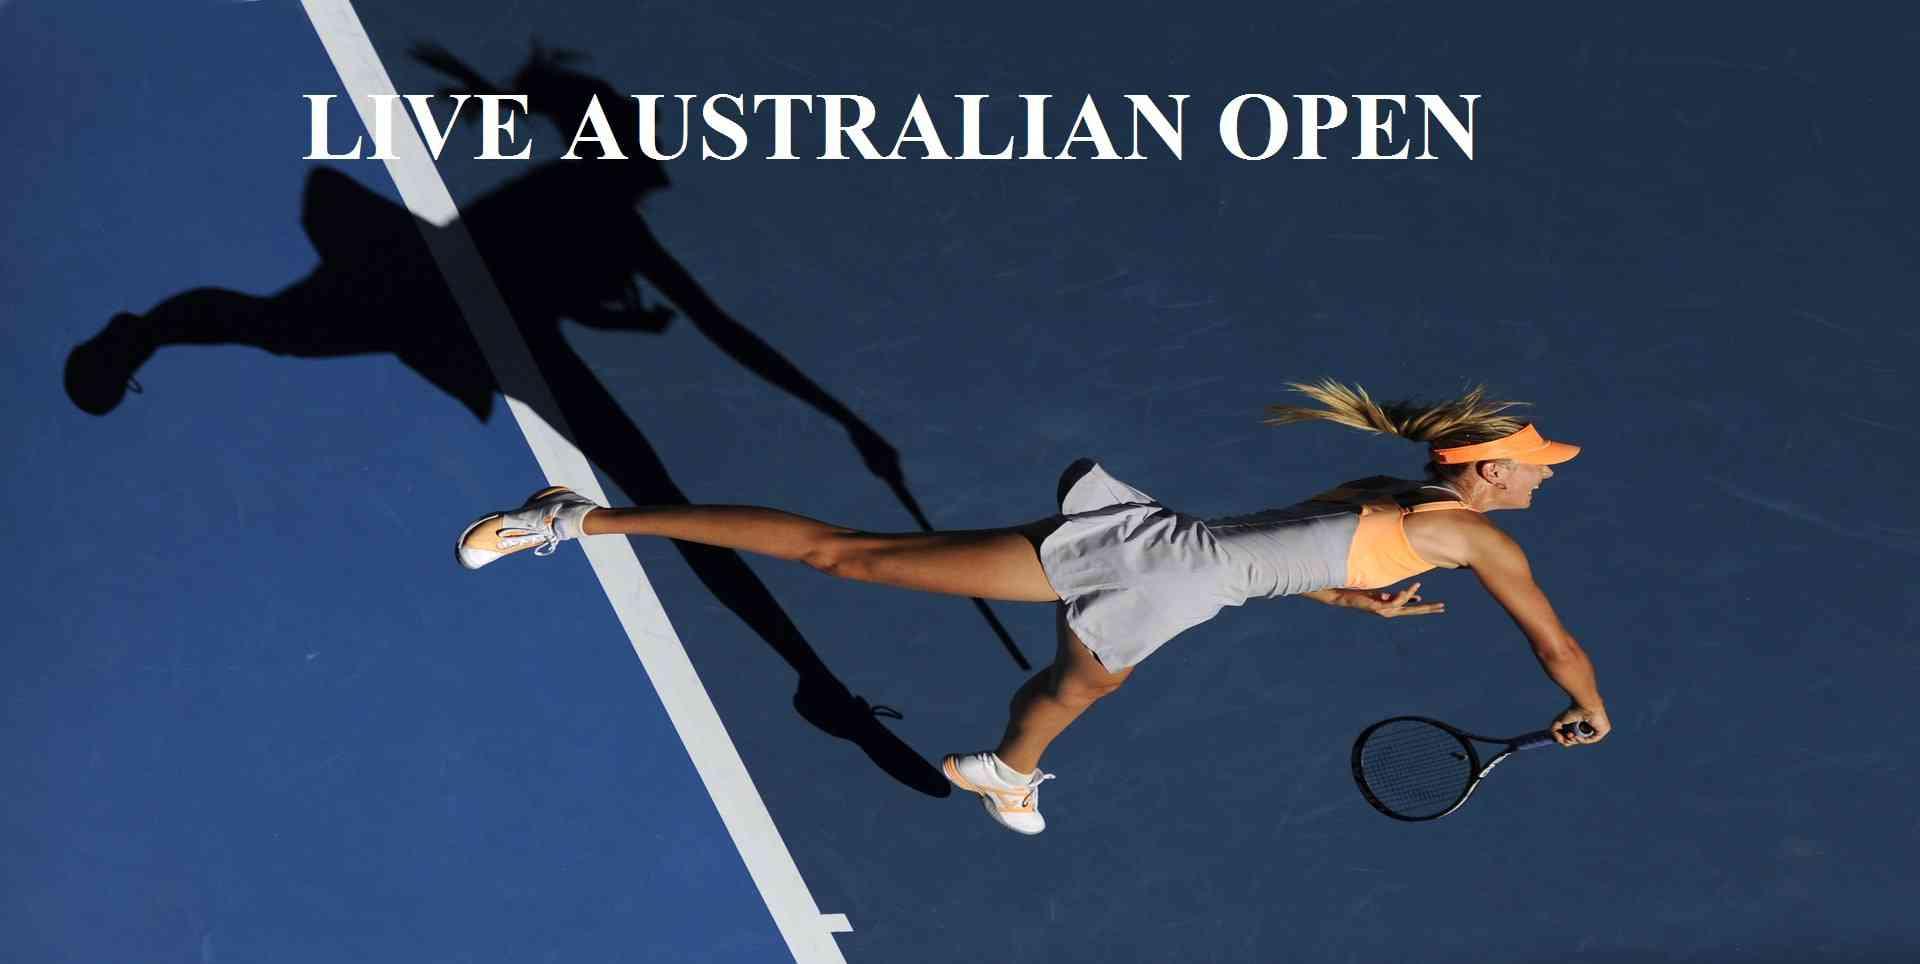 Australian Open 2018 Quarterfinals